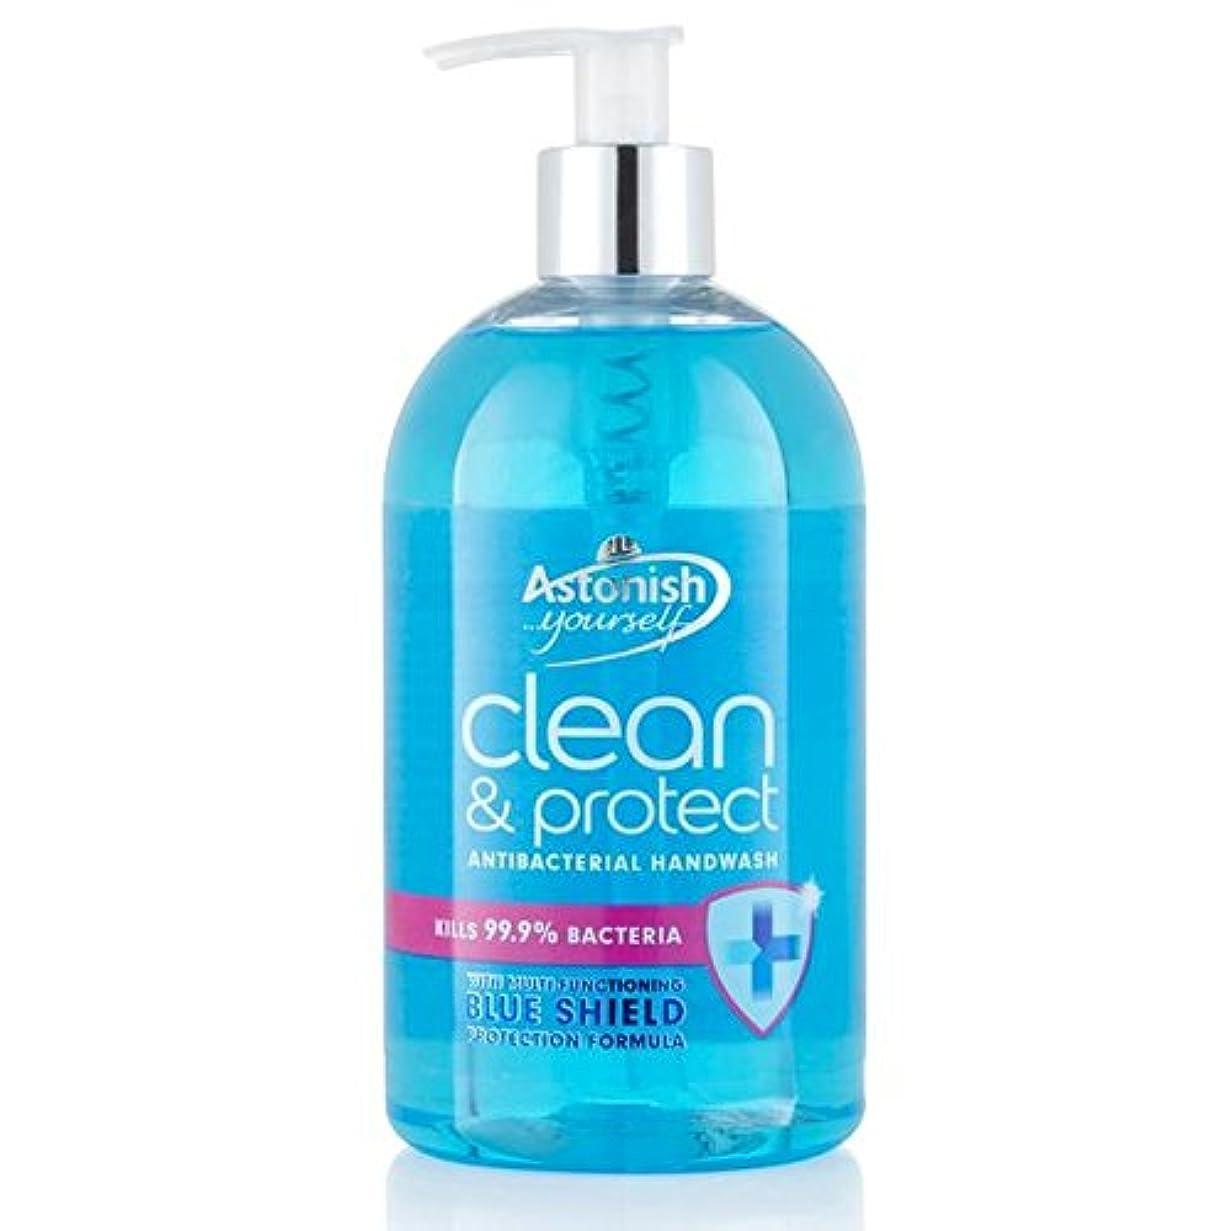 符号カップ美的Astonish Clean & Protect Hand Wash 500ml - クリーン驚か&ハンドウォッシュ500ミリリットルを保護 [並行輸入品]